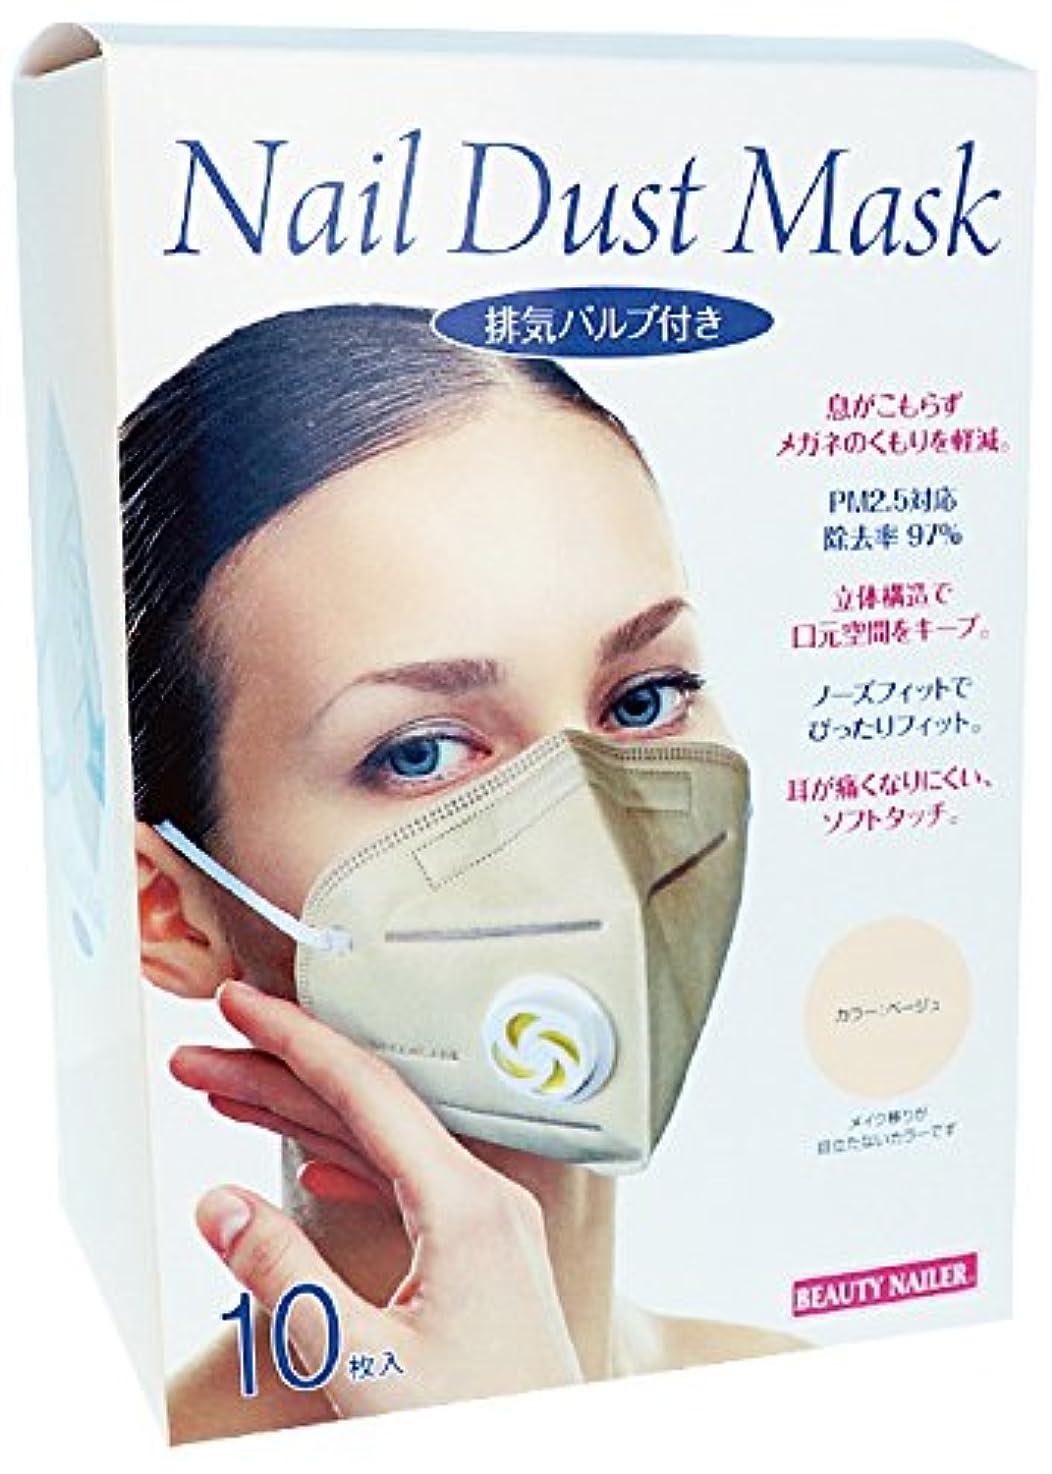 罪悪感同情間違いなく排気バルブ付き ネイルダストマスク(MASK-04)